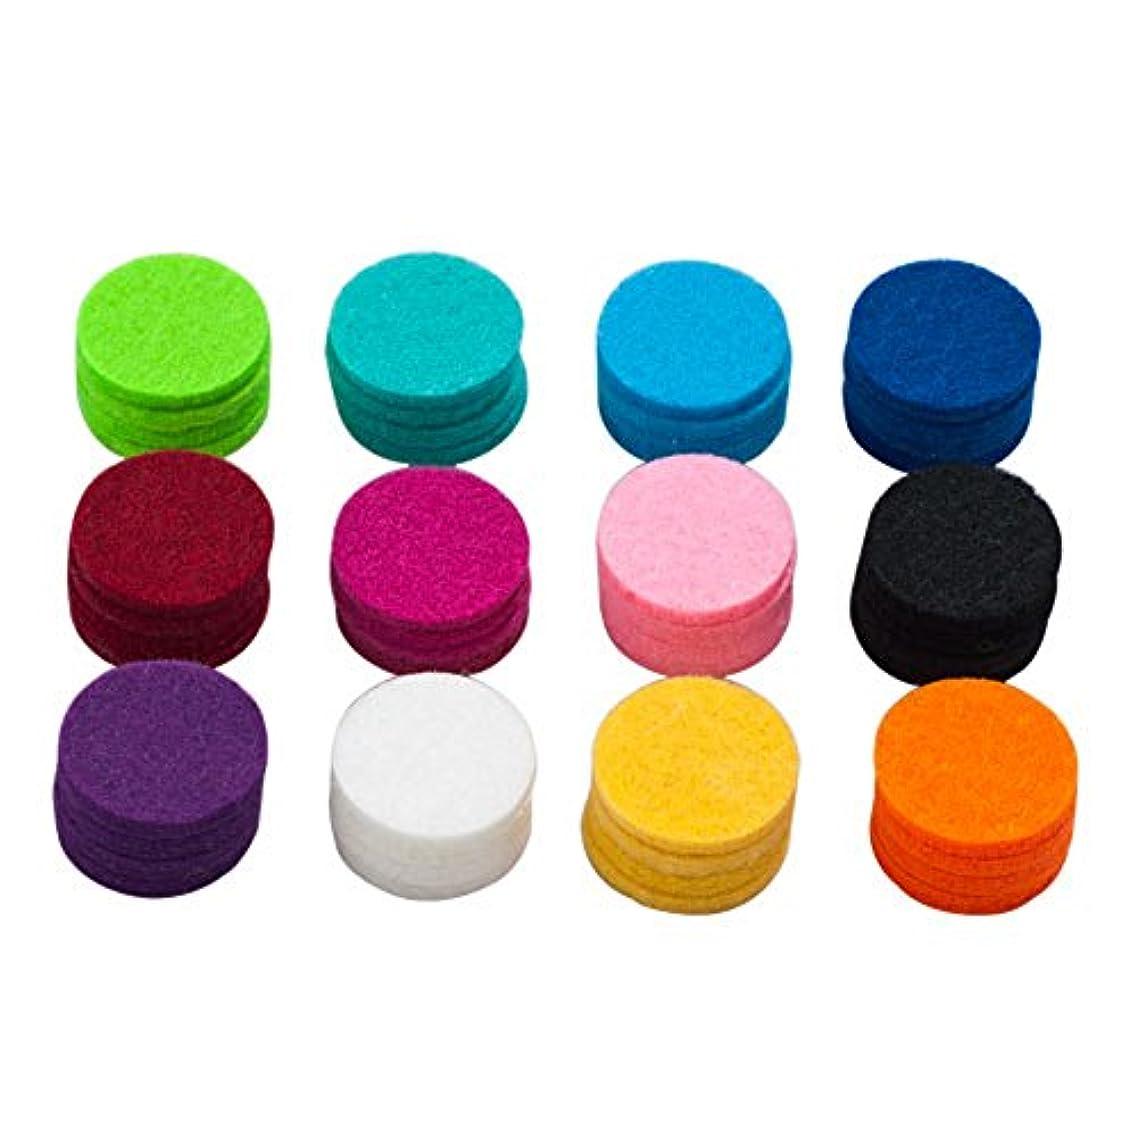 ルーキー混乱した装置lovelycharms Aromatherapy Essential Oil DiffuserネックレスRefill Pads for 30 mmロケットネックレス